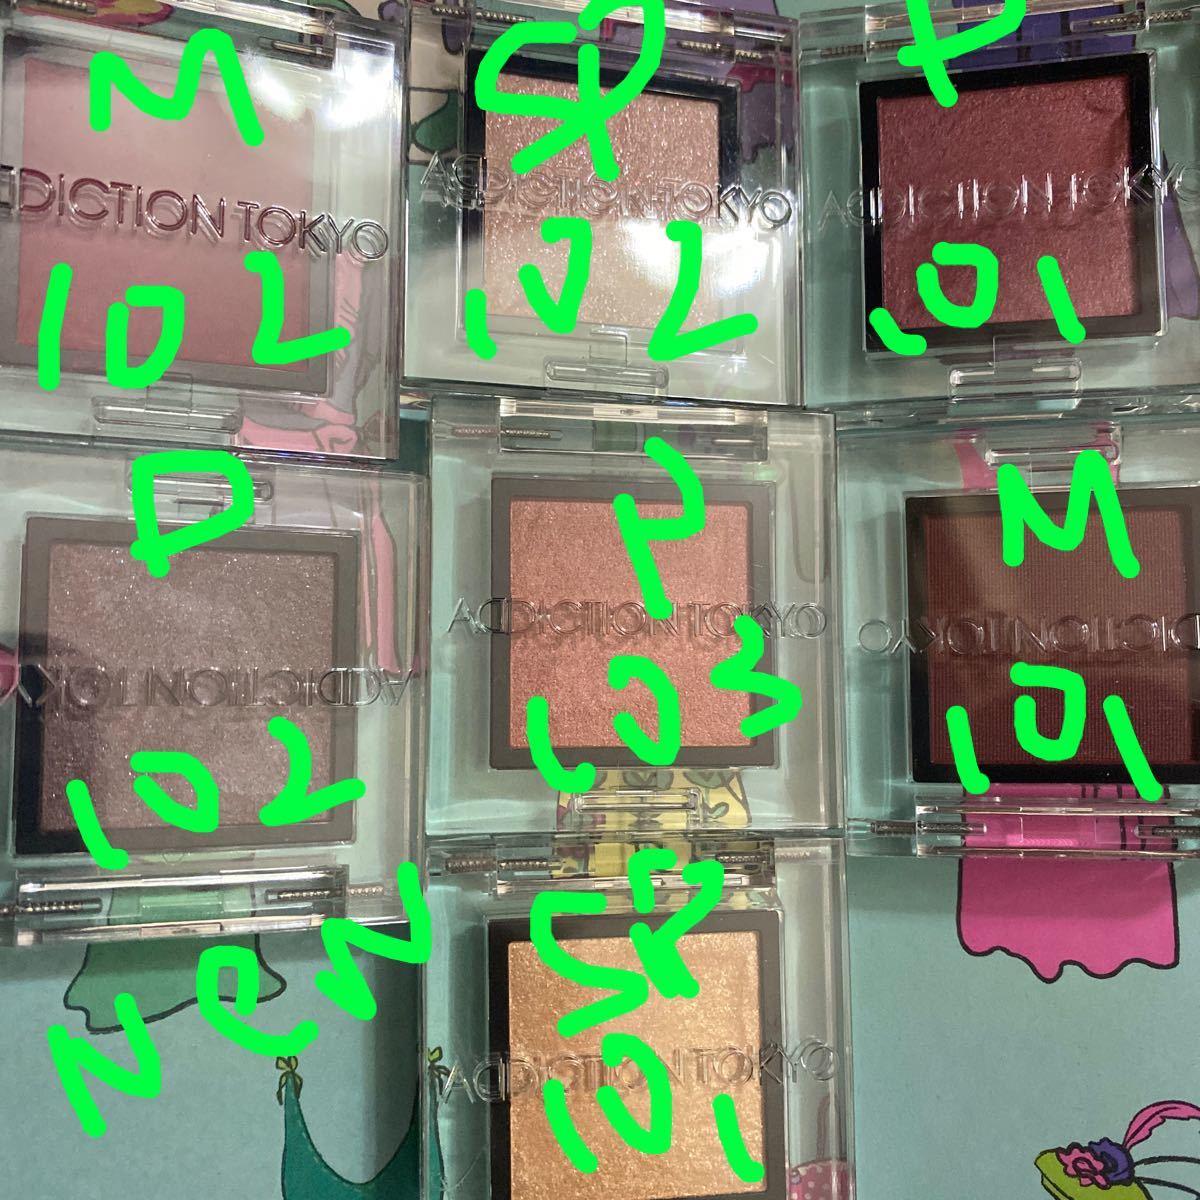 アディクション アイシャドウ 限定 まとめ売り バラ売りできます m102 sp102 p101 p102 p103 m101